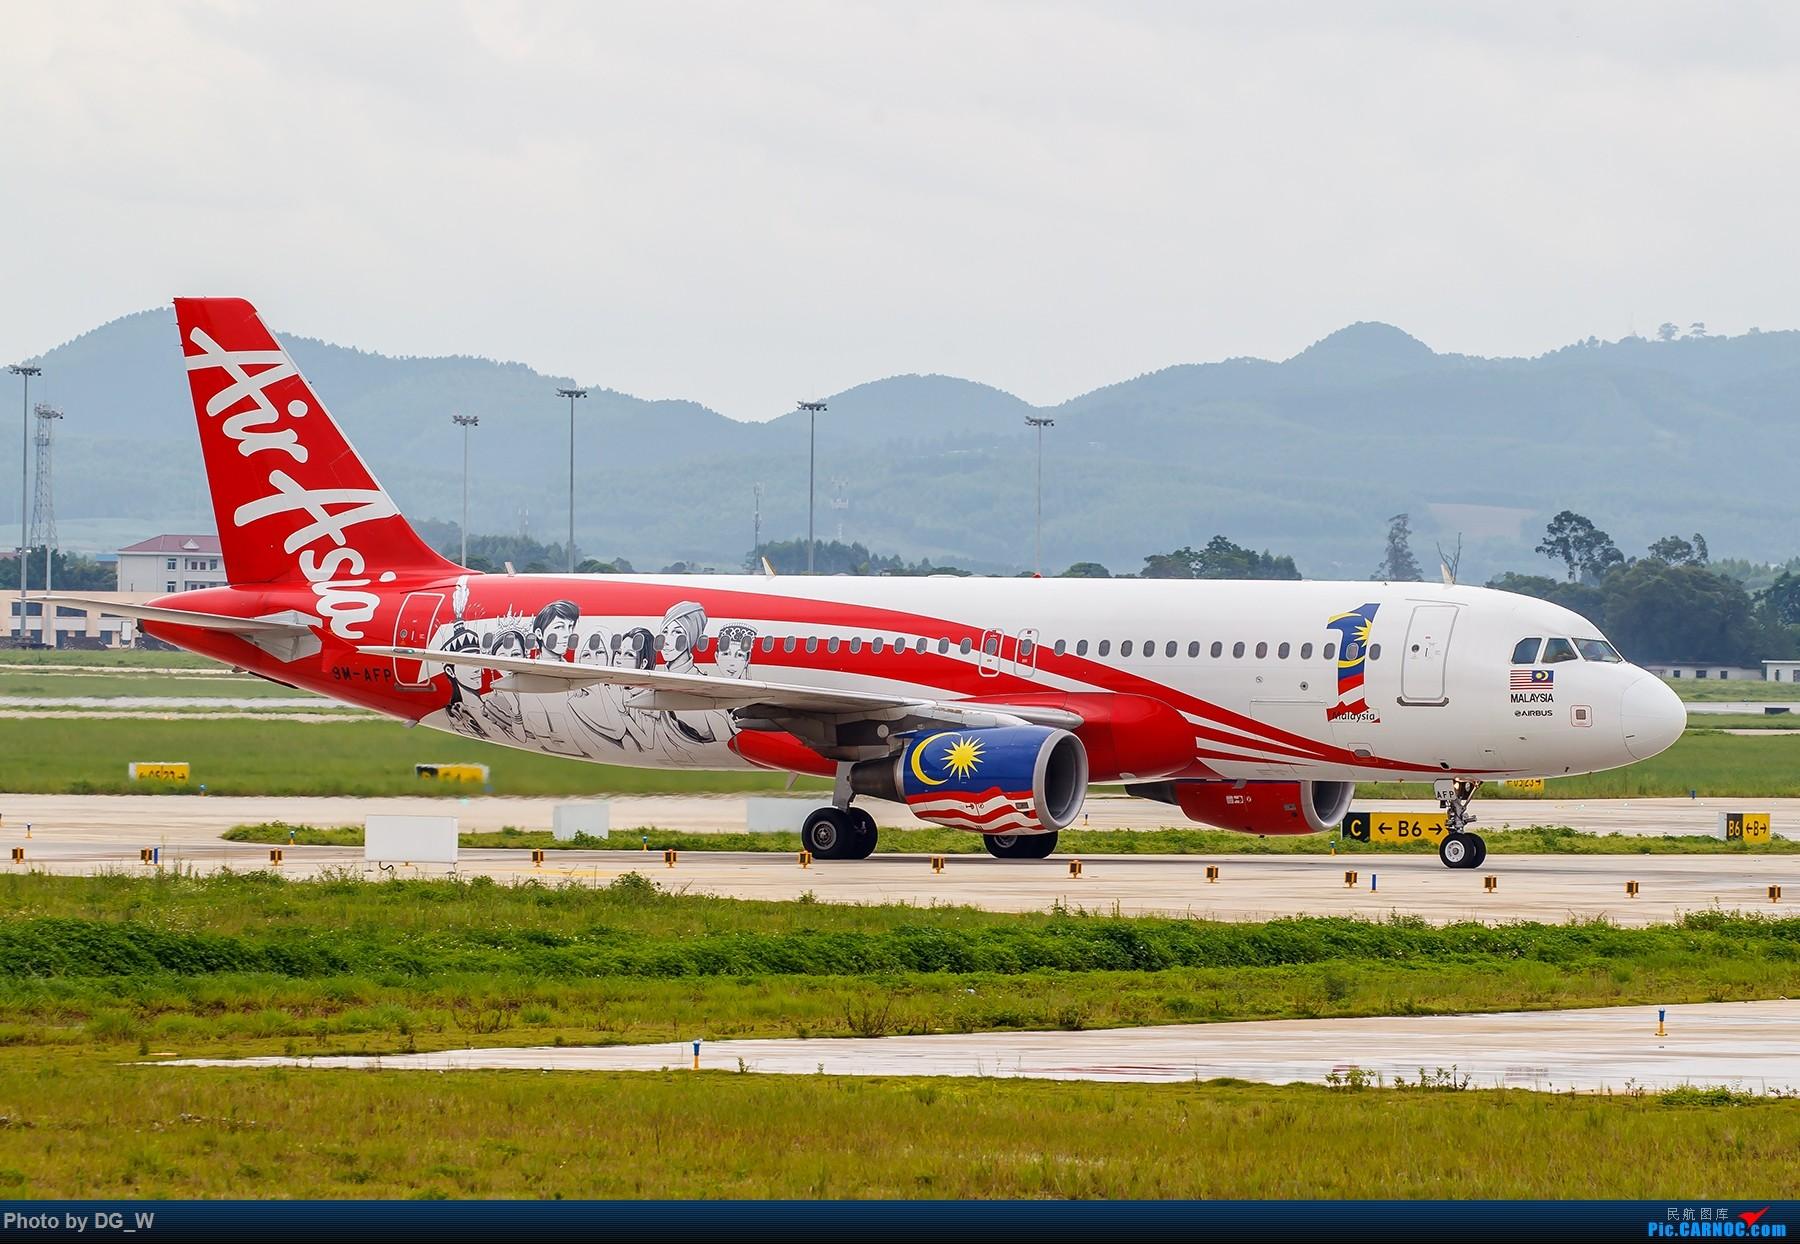 Re:[原创]【南宁飞友】集齐南航邮戳738,外加最近半年拍的部分彩绘 AIRBUS A320-200 9M-AFP 中国南宁吴圩国际机场